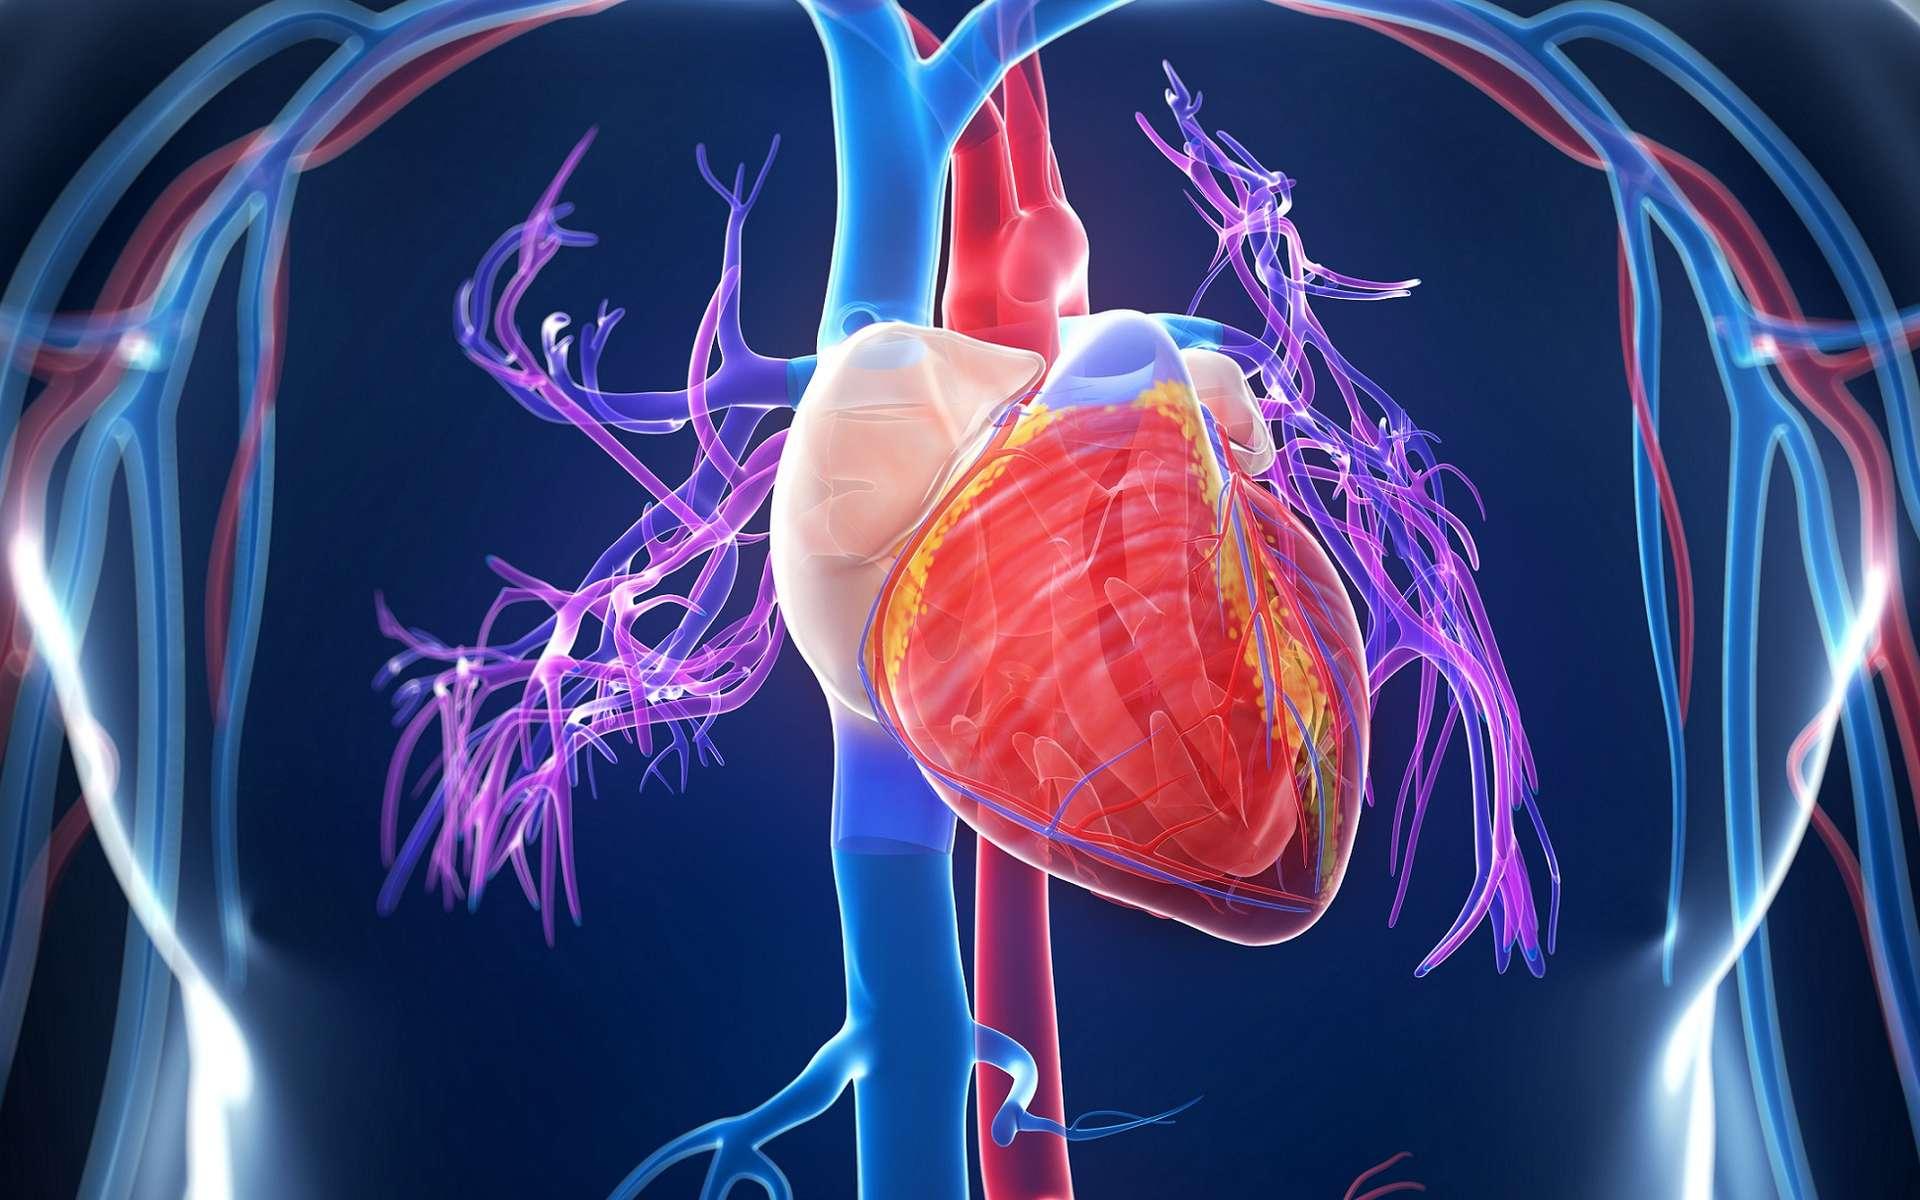 Les deux ventricules cardiaques sont les deux compartiments inférieurs du cœur. En rouge : sang riche en dioxygène, en bleu : sang pauvre en dioxygène. © Sebastian Kaulitzki, Shutterstock